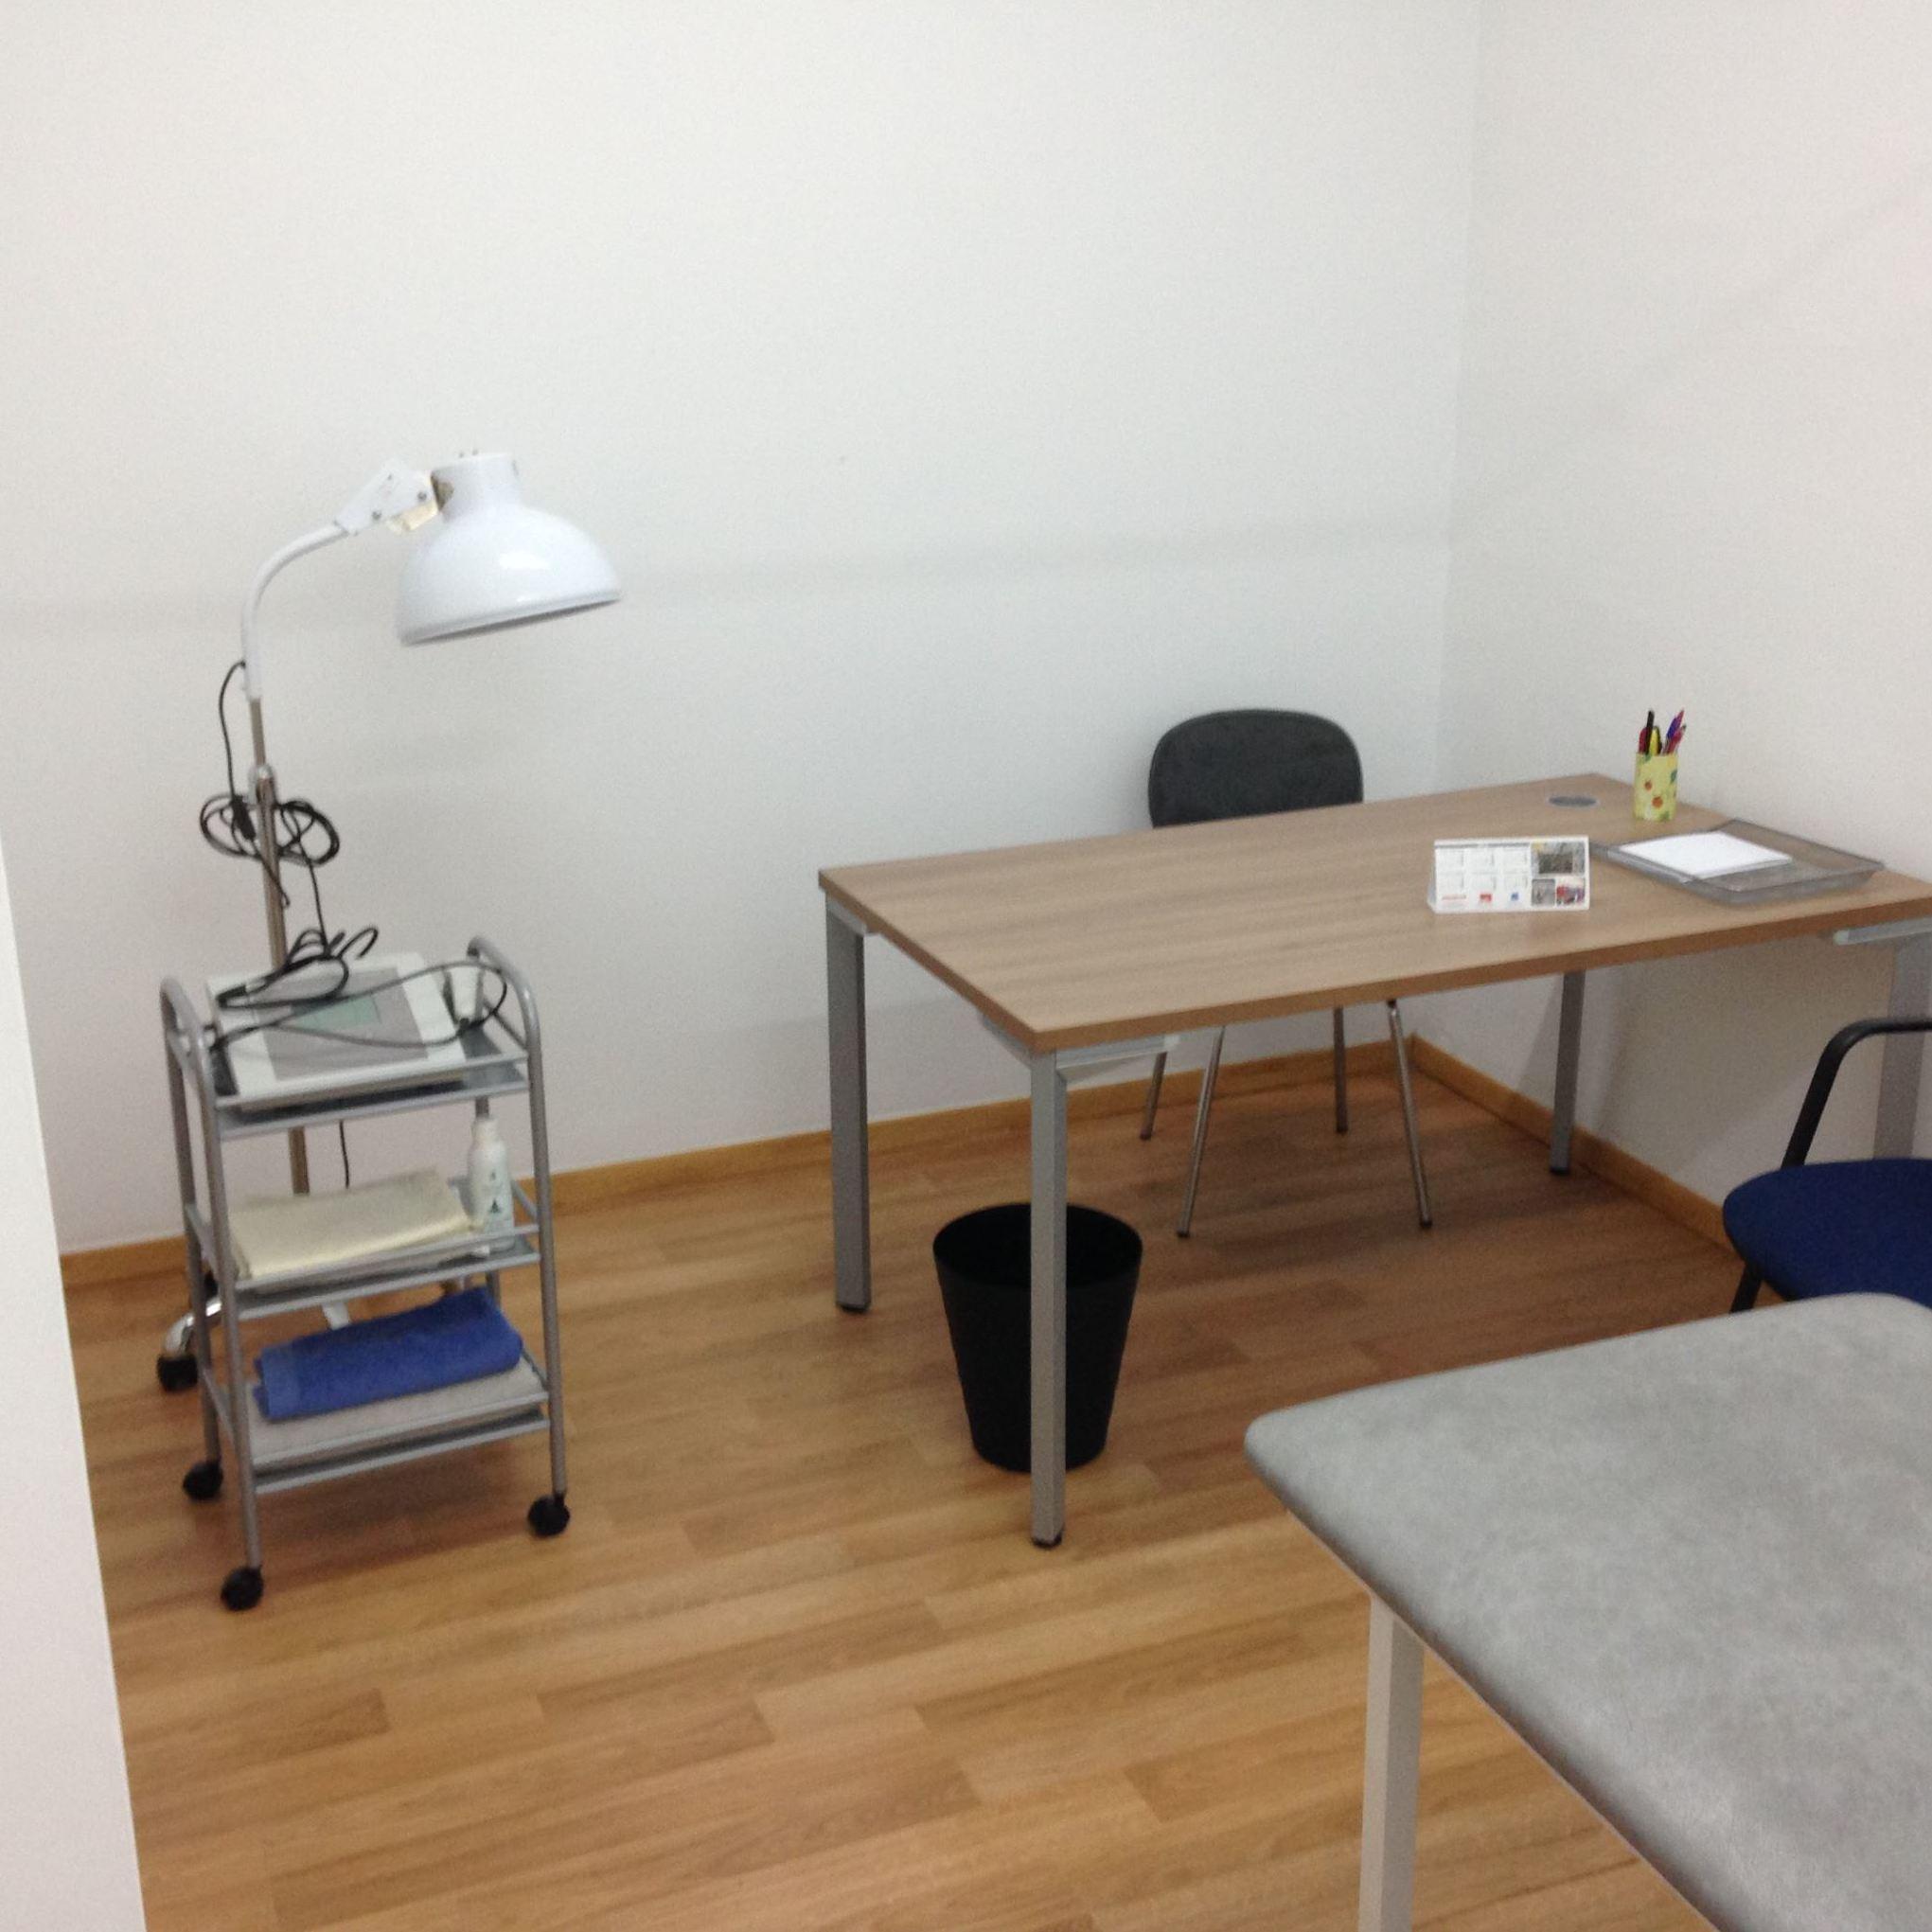 Imagem 2 de Fisioterapia em Mollet del Vallès | Fisiomollet